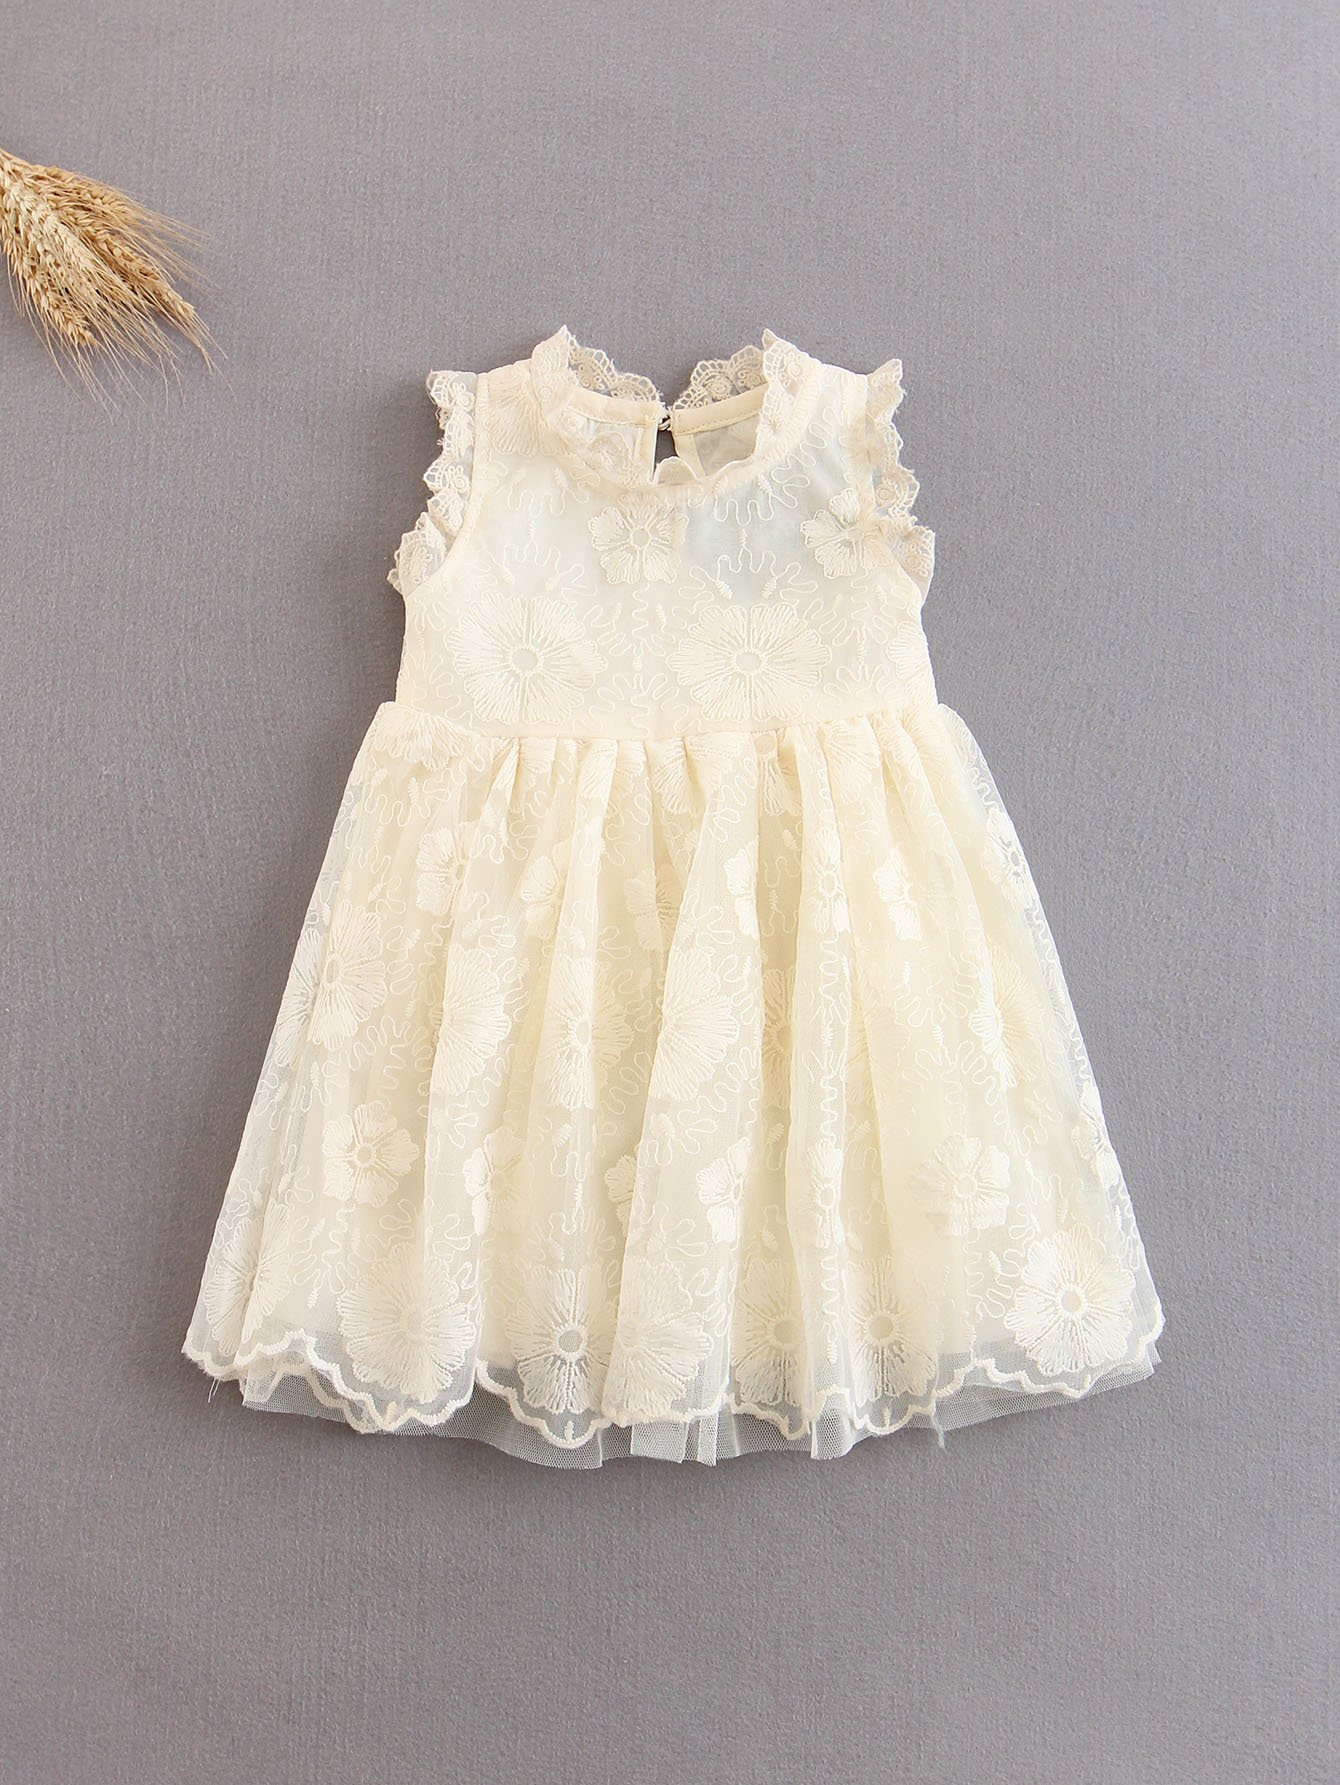 Купить Платье с вышивкой цветы для детей, null, SheIn